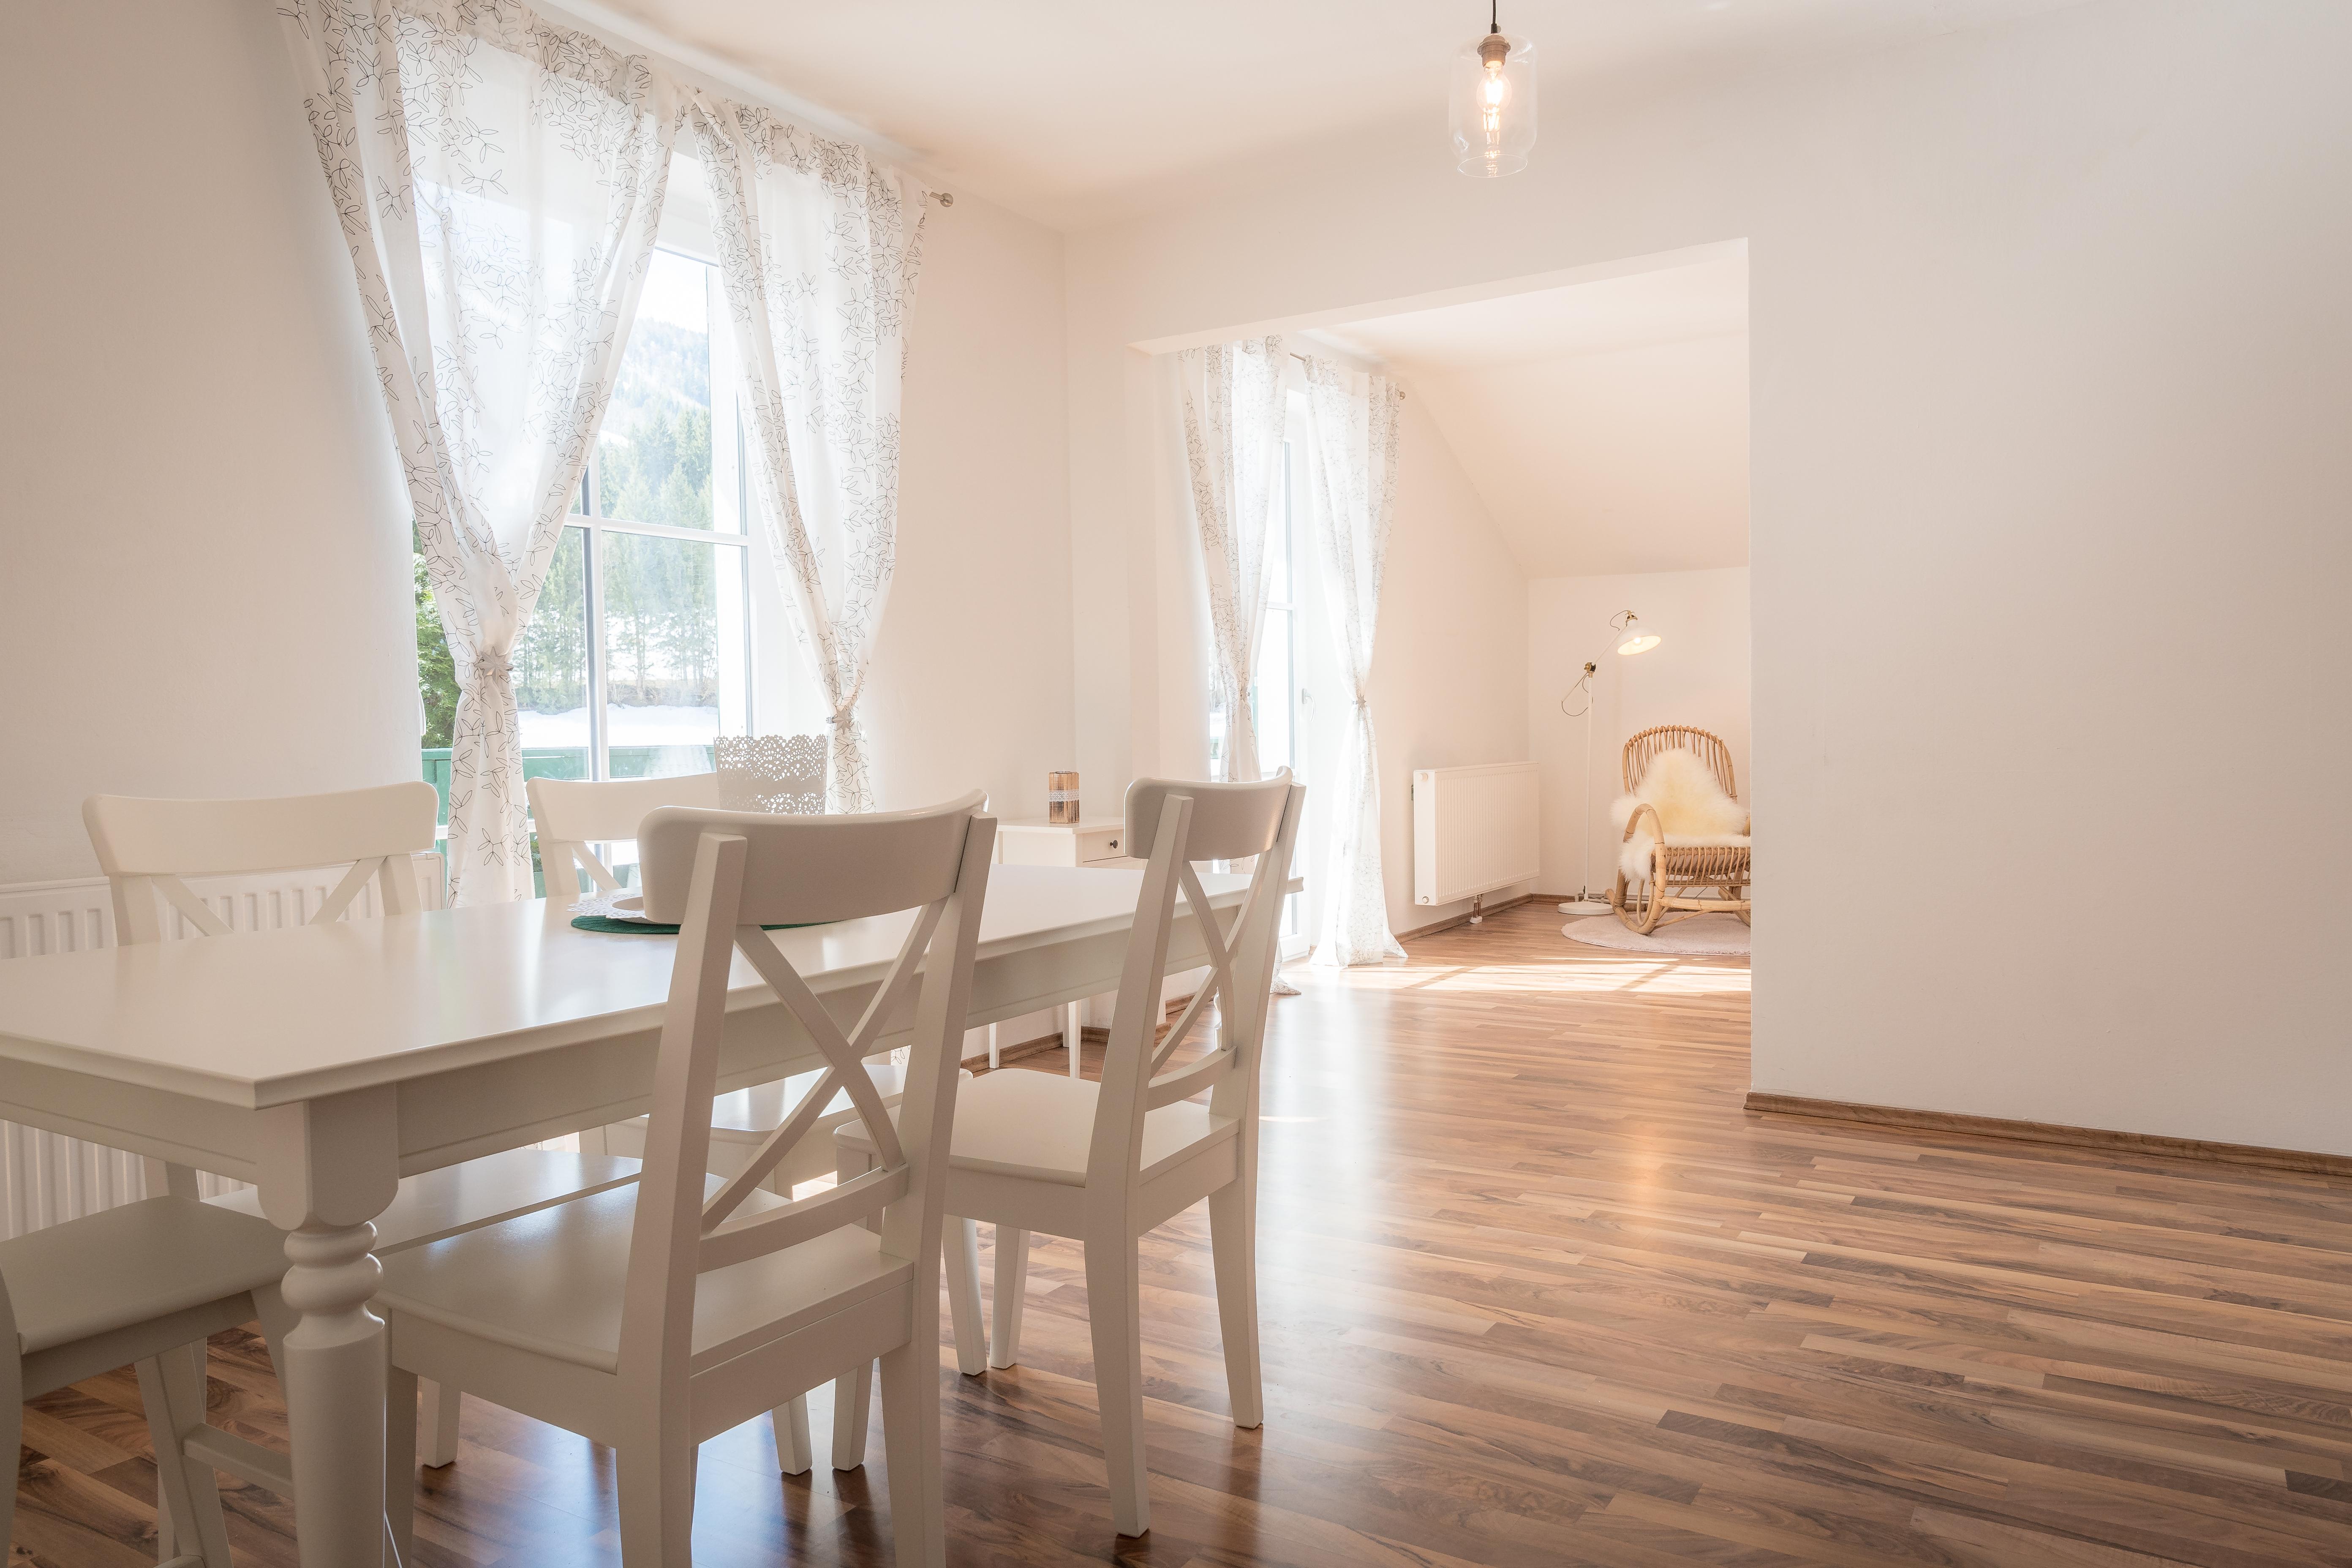 Wohnung 2 Esszimmer-Wohnzimmer